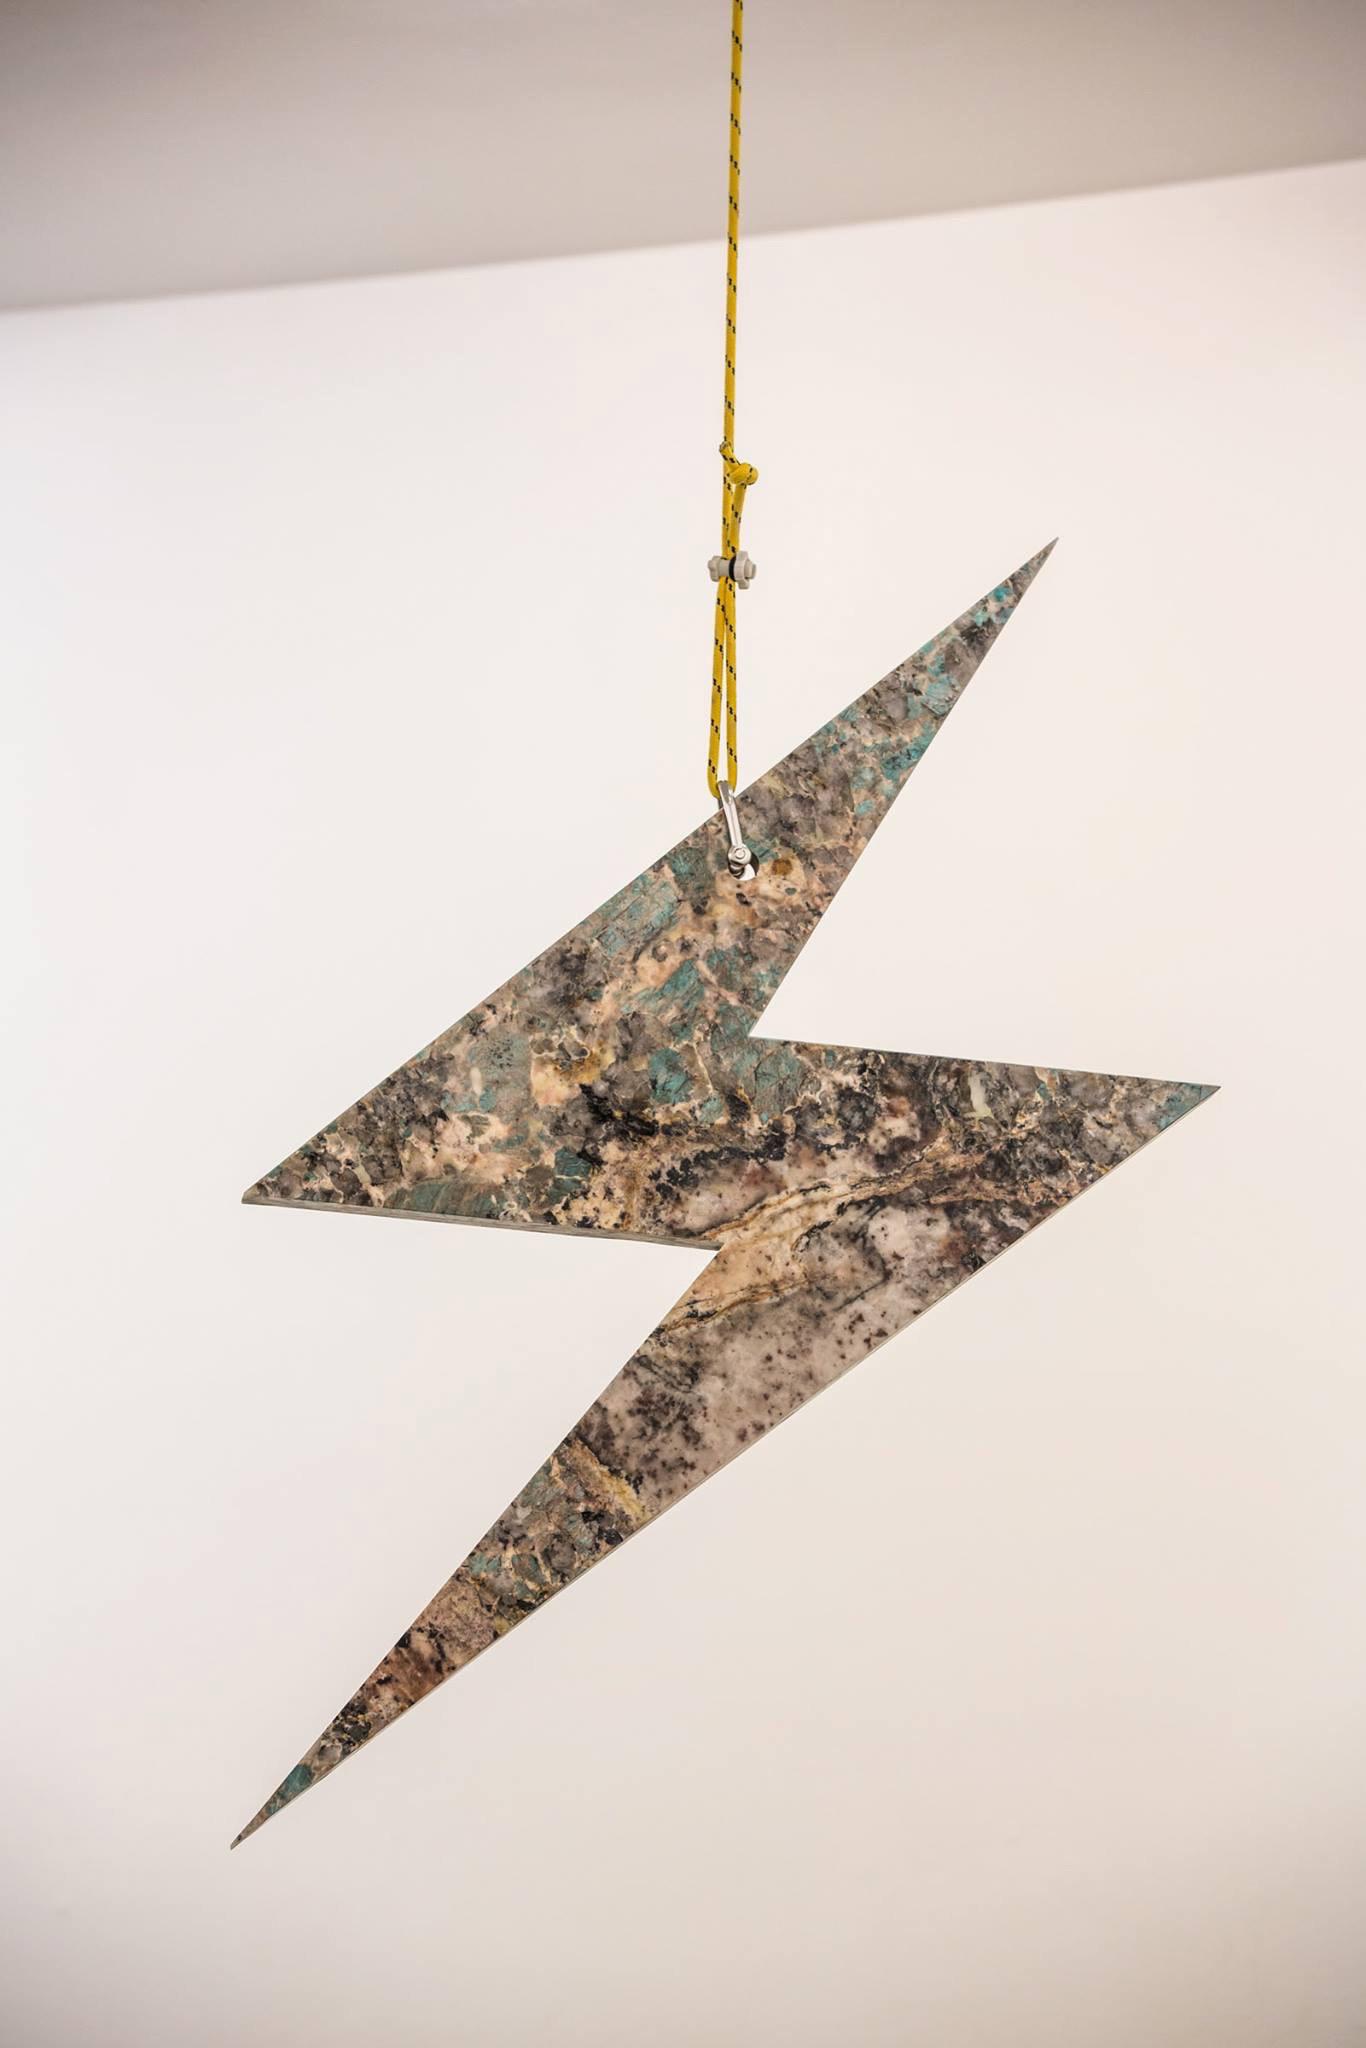 Michele Chiossi Memphis, 2015 marmo Bardiglio, Amazonite, Terrasanta, acciaio, corde nautiche  dimensioni variabili flash emoji fulmine scultura girevole